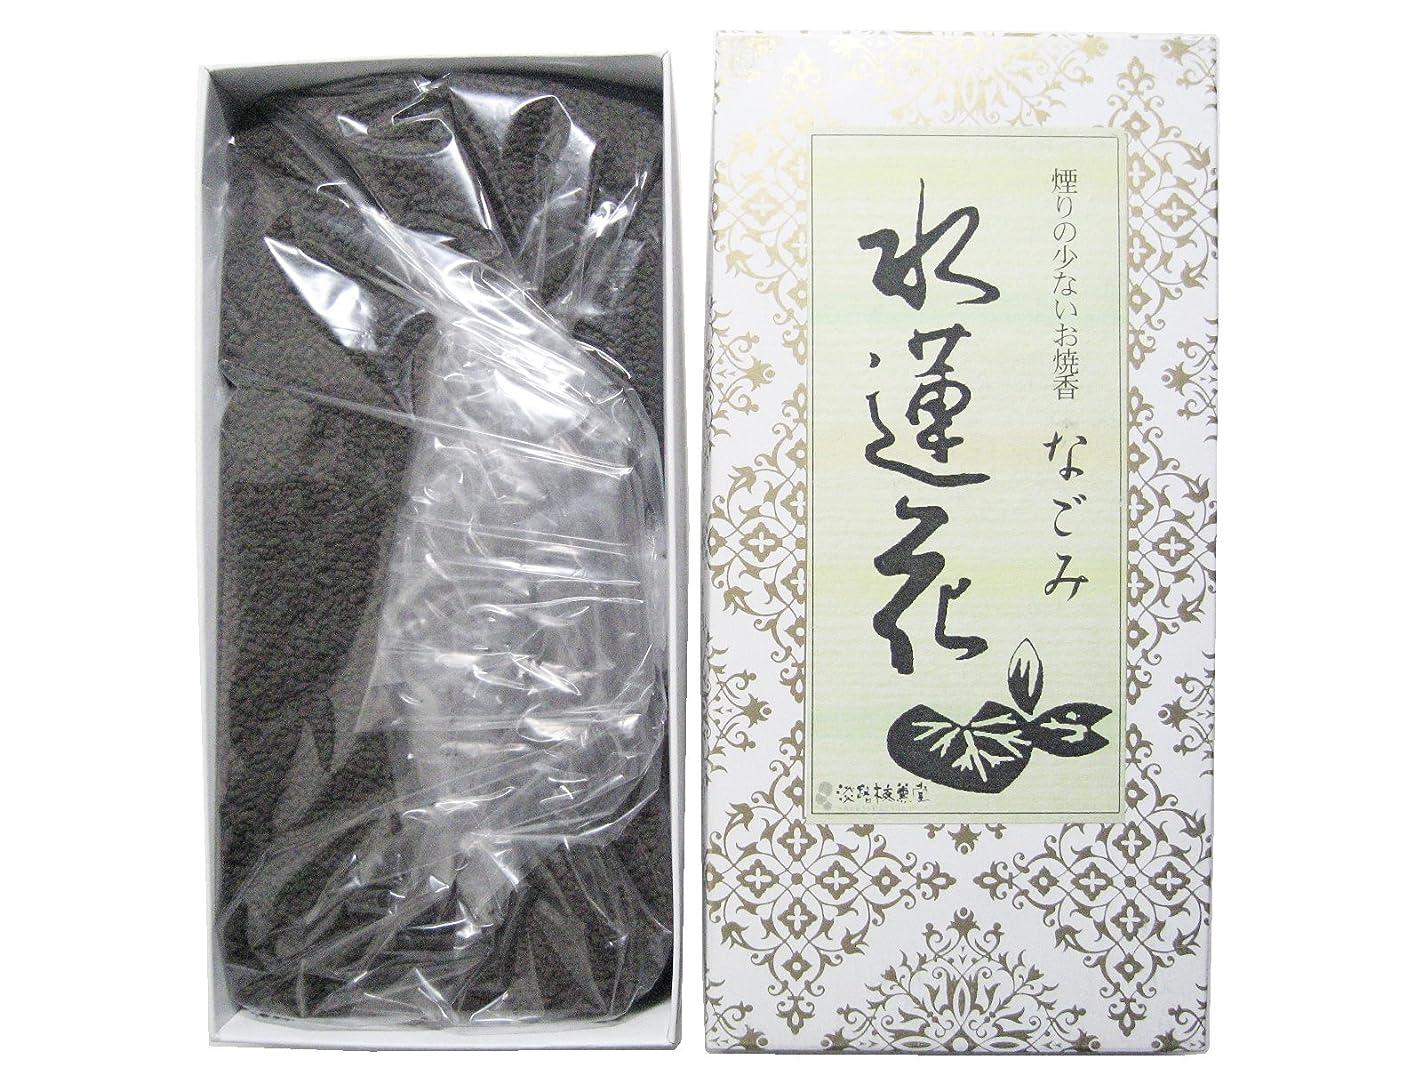 凍った細菌トリプル淡路梅薫堂のお香 煙の少ないお焼香 なごみ 水蓮花 500g×10箱 #931